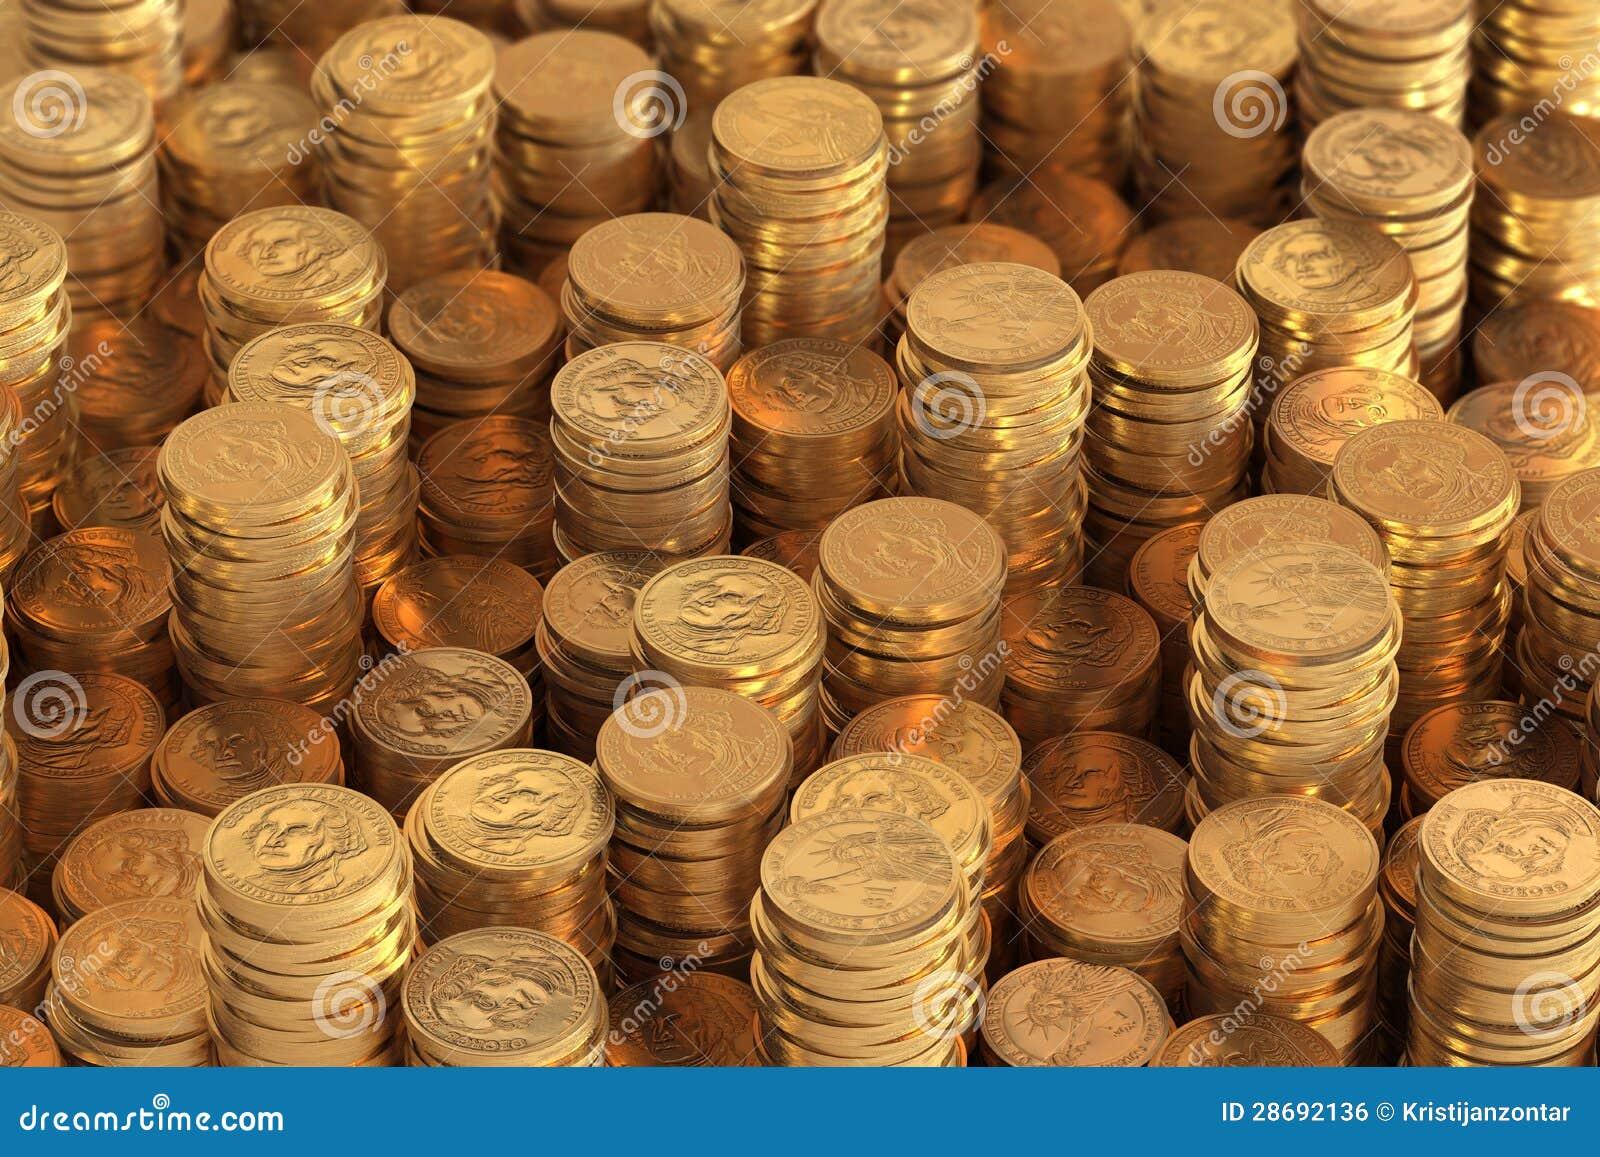 Viele Stapel Von Ein Us Dollar Münzen Stock Abbildung Illustration